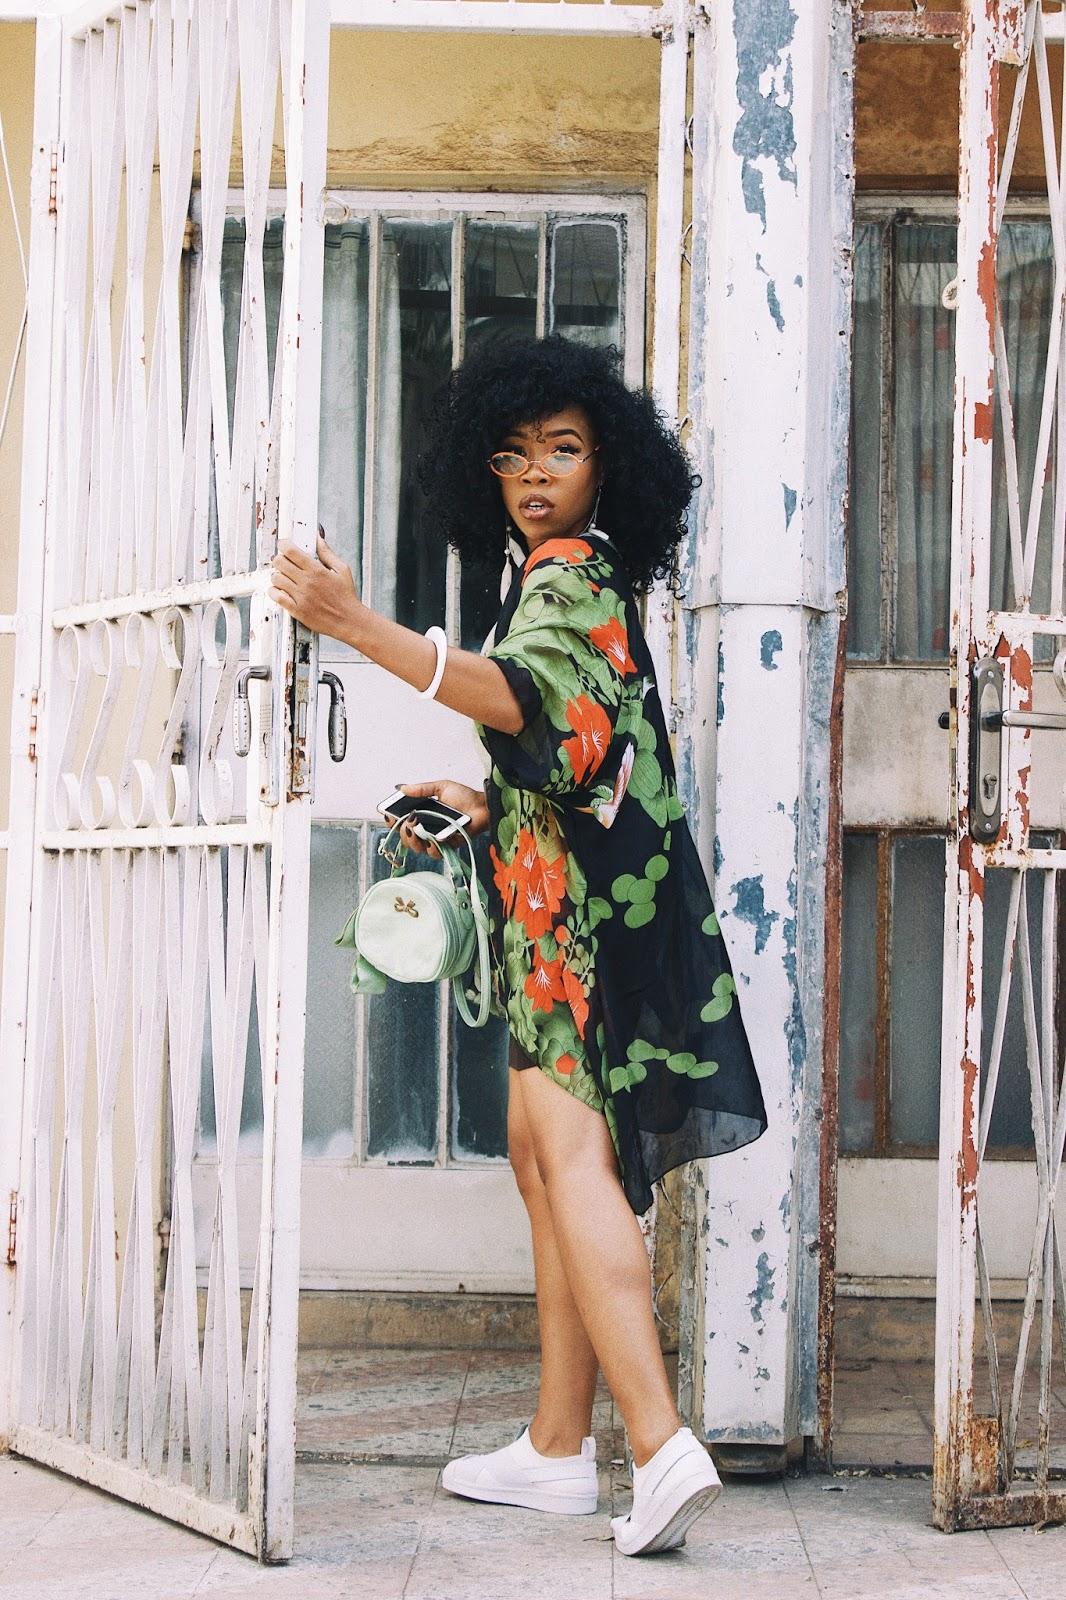 BLACK GIRL IN FLORAL